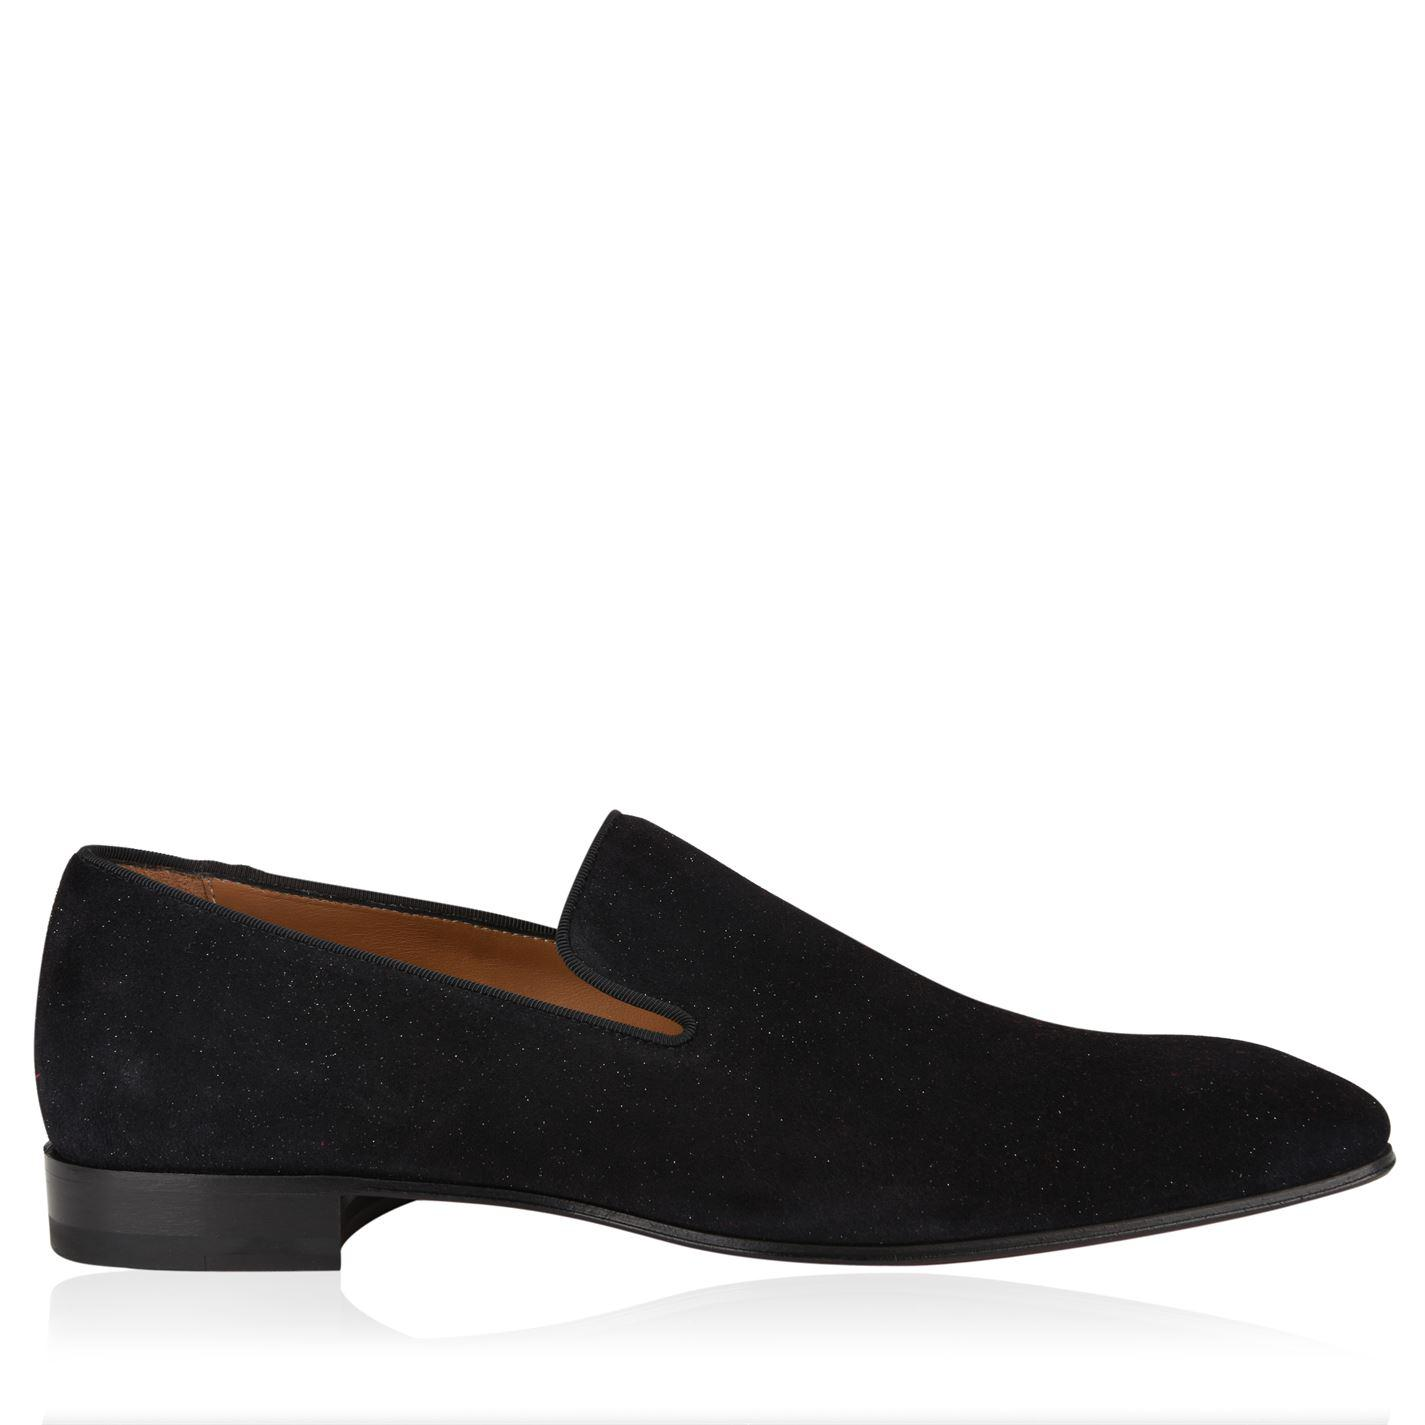 30719fbe008b Lyst - Christian Louboutin Dandellion Loafer in Black for Men - Save ...